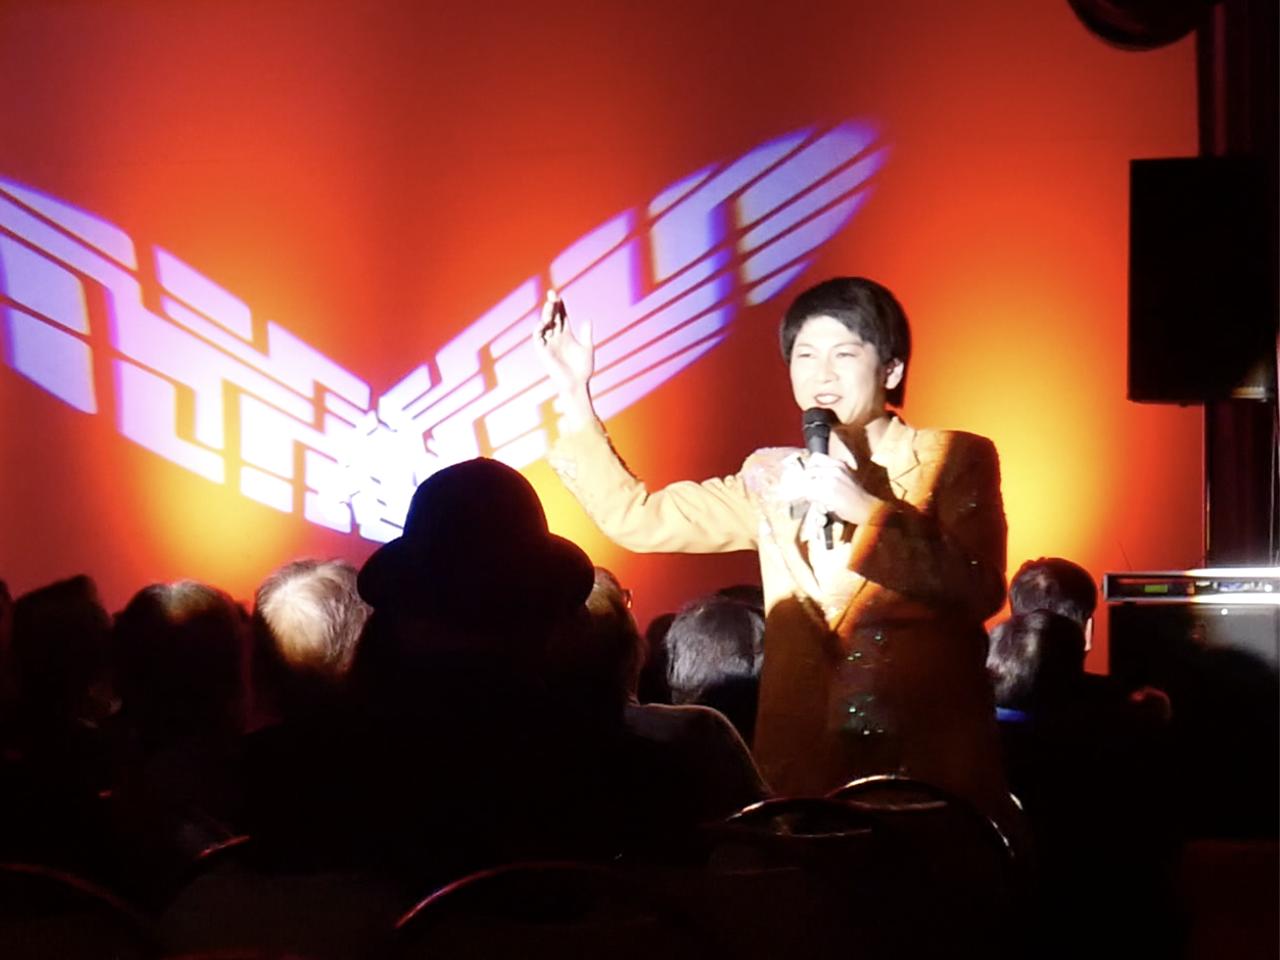 丸峰笑タイム 雪の会津でアツいステージ、たくさんのご来場に感謝よ!